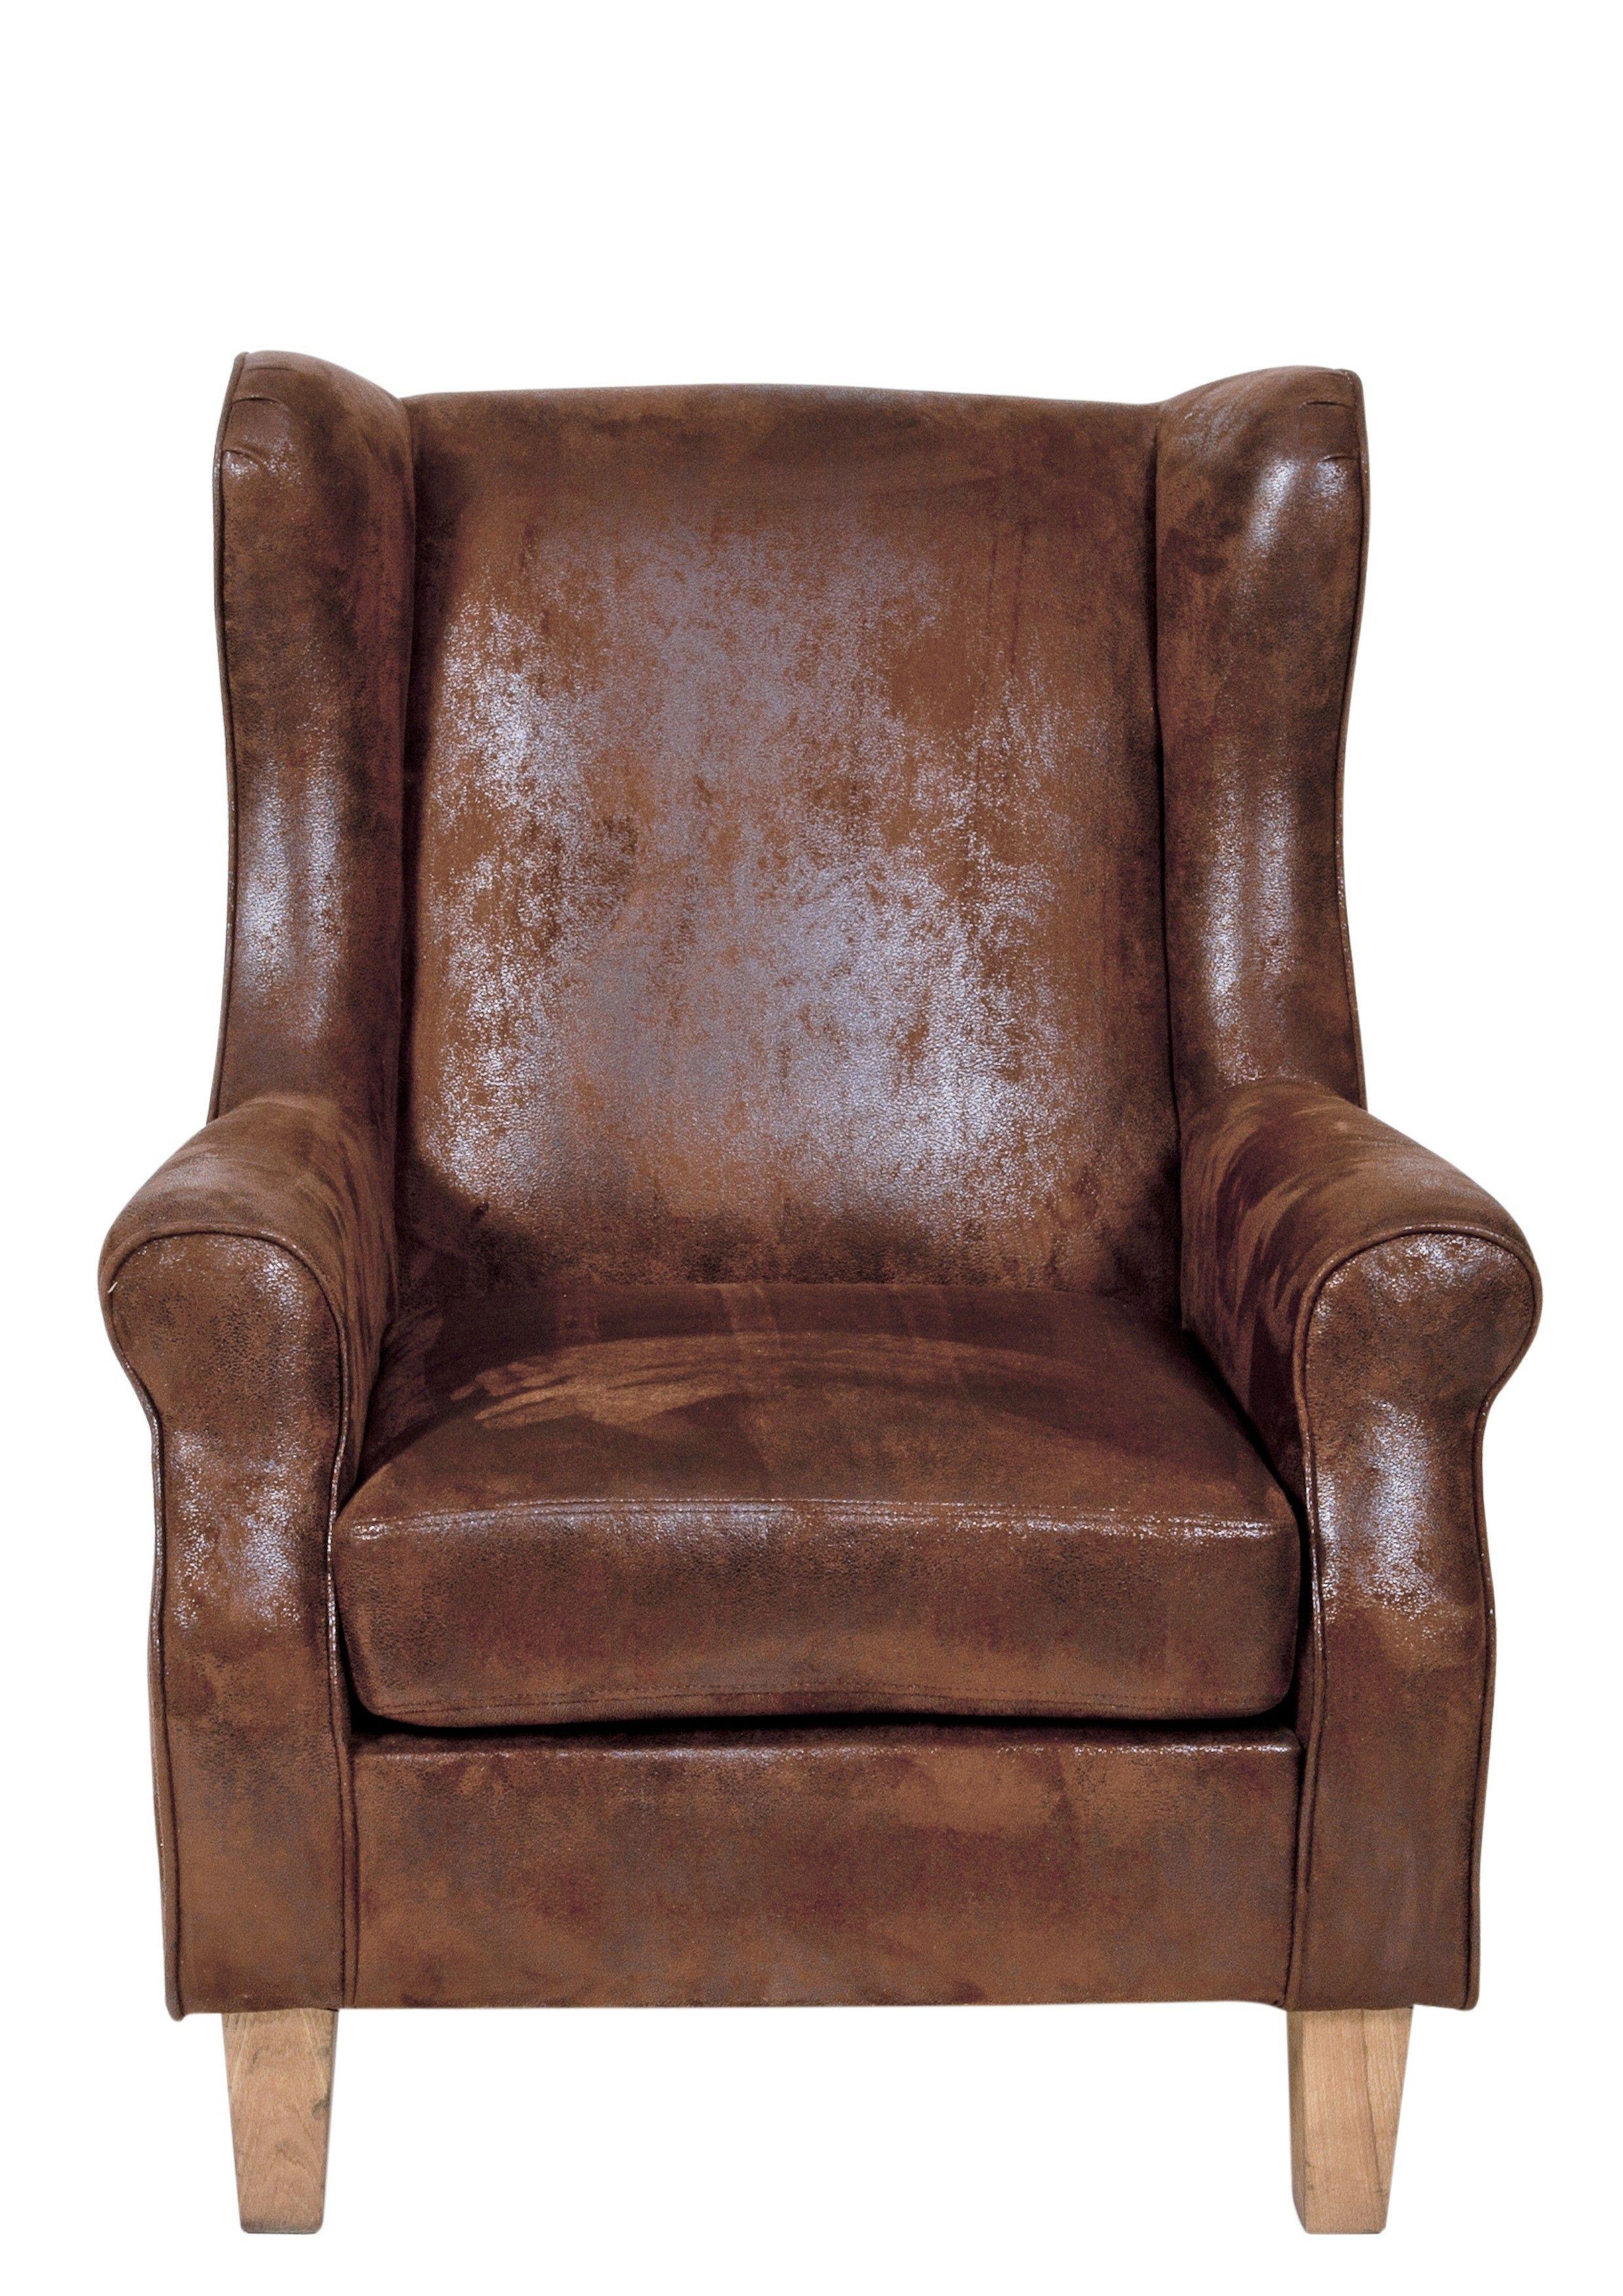 Ohrensessel Kunstleder Braun Woody 11 01230 Ohrensessel Leder Ohrensessel Sessel